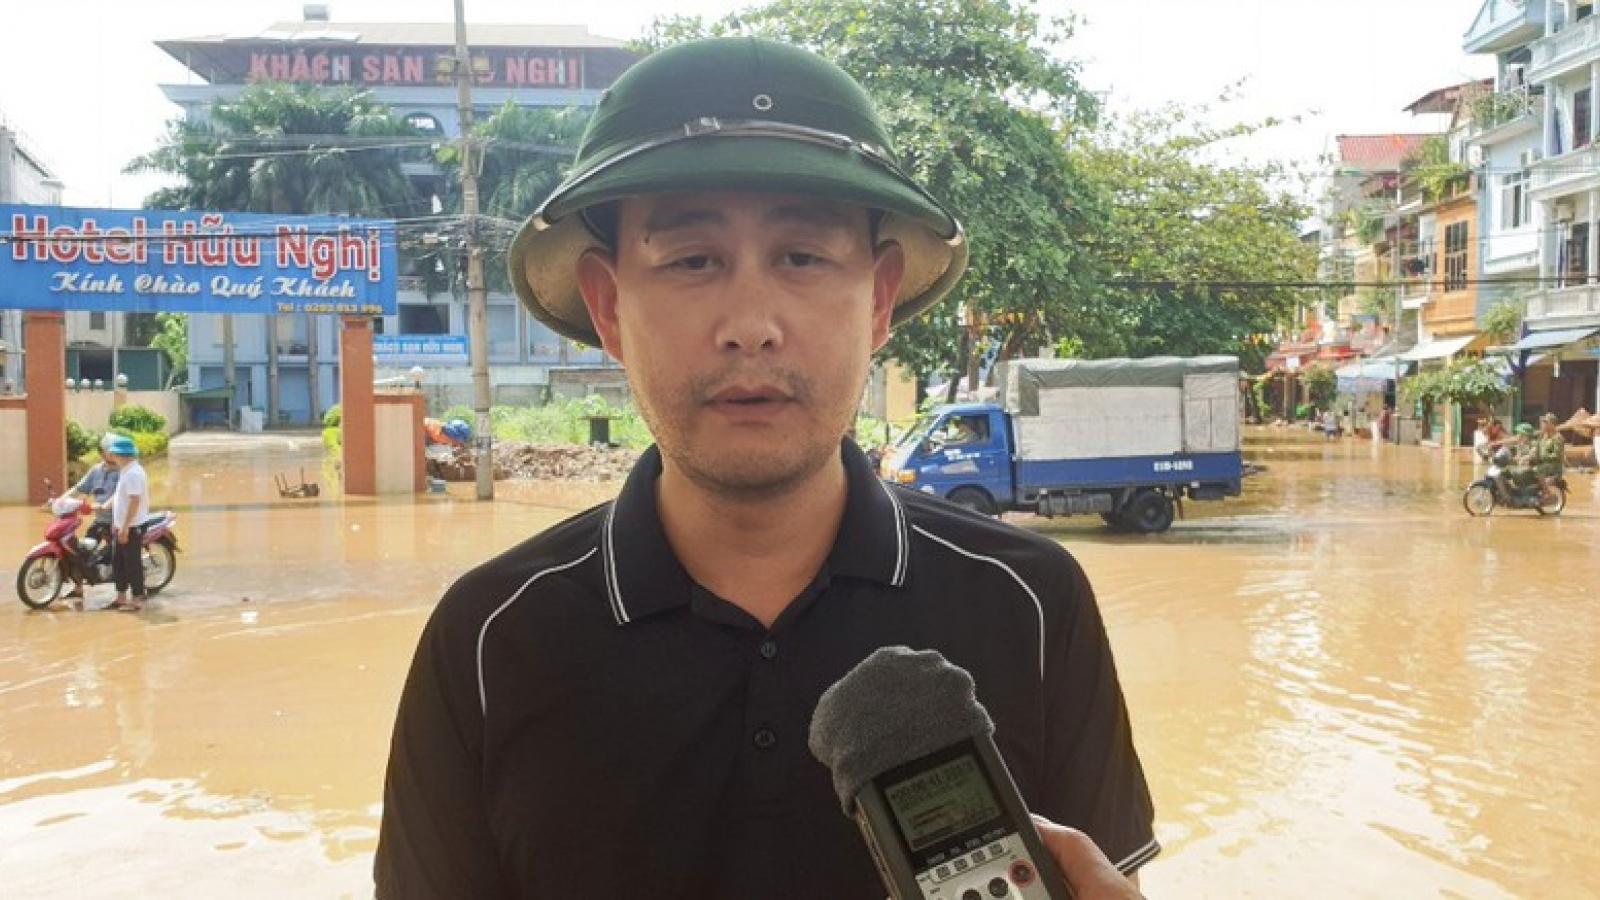 Trung Quốc thông báo xả lũ: Yên Bái chủ động ứng phó tình huống